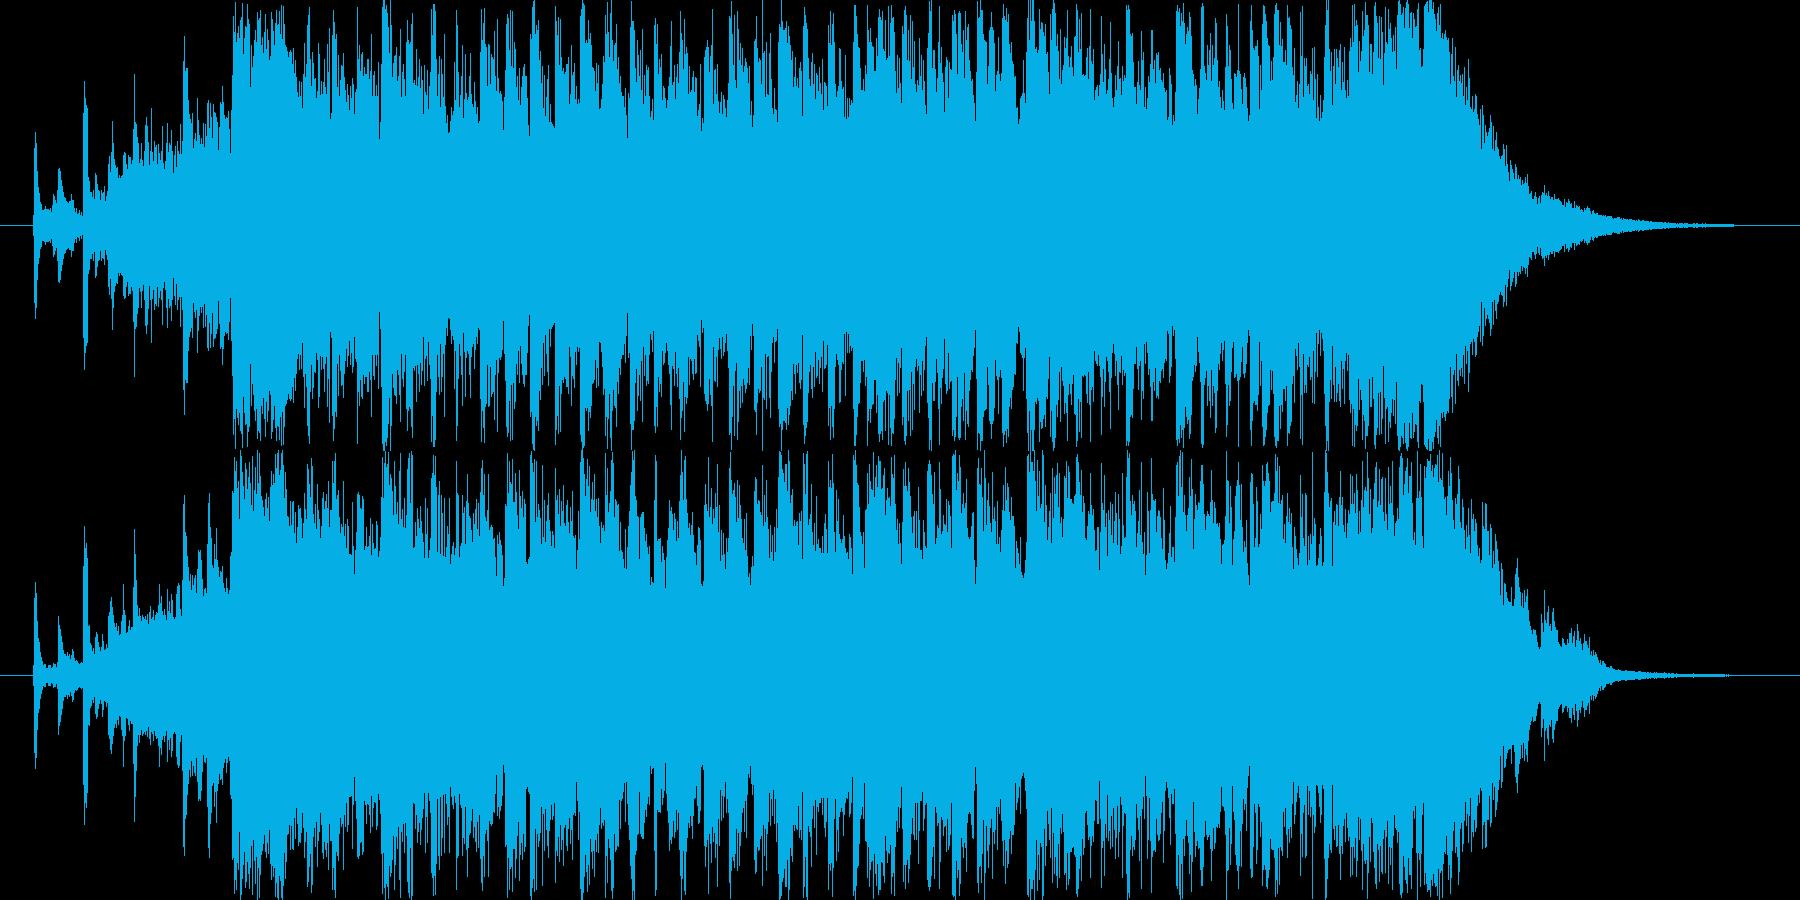 明るい、勢いのある前向きなジングルの再生済みの波形